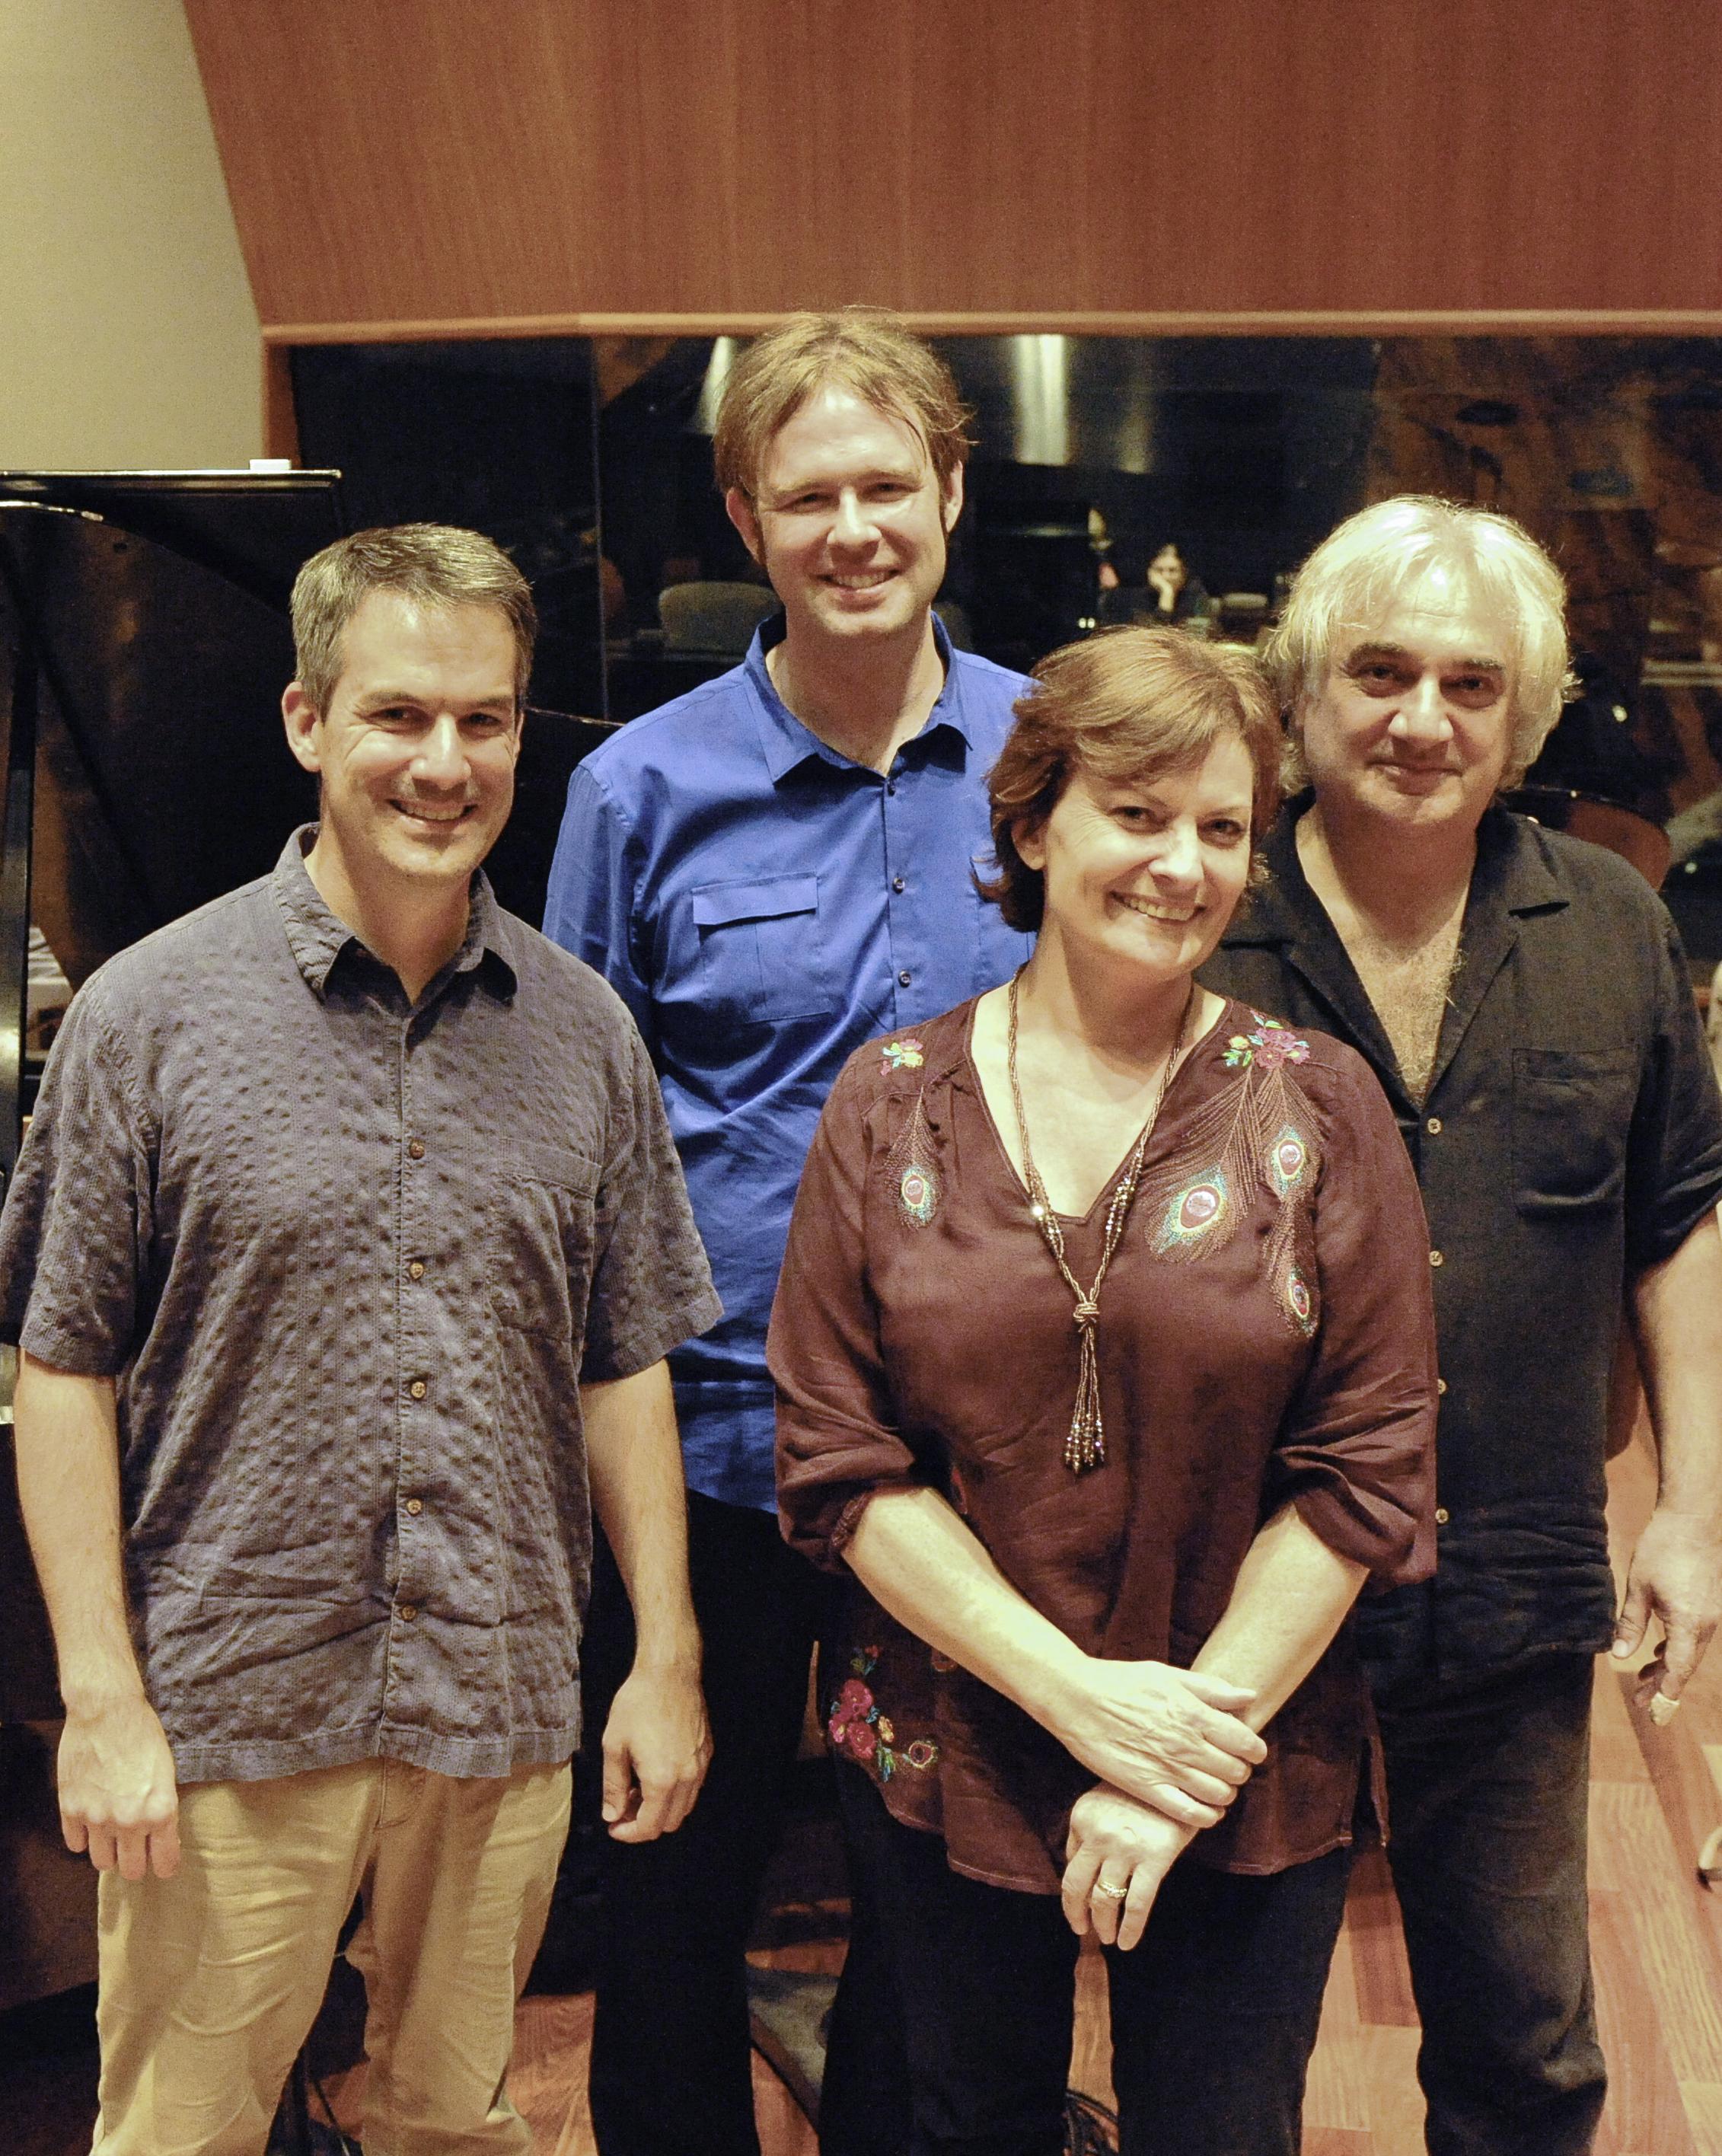 Robert Thies, Kaska, Belinda Broughton, and Andrew Shulman